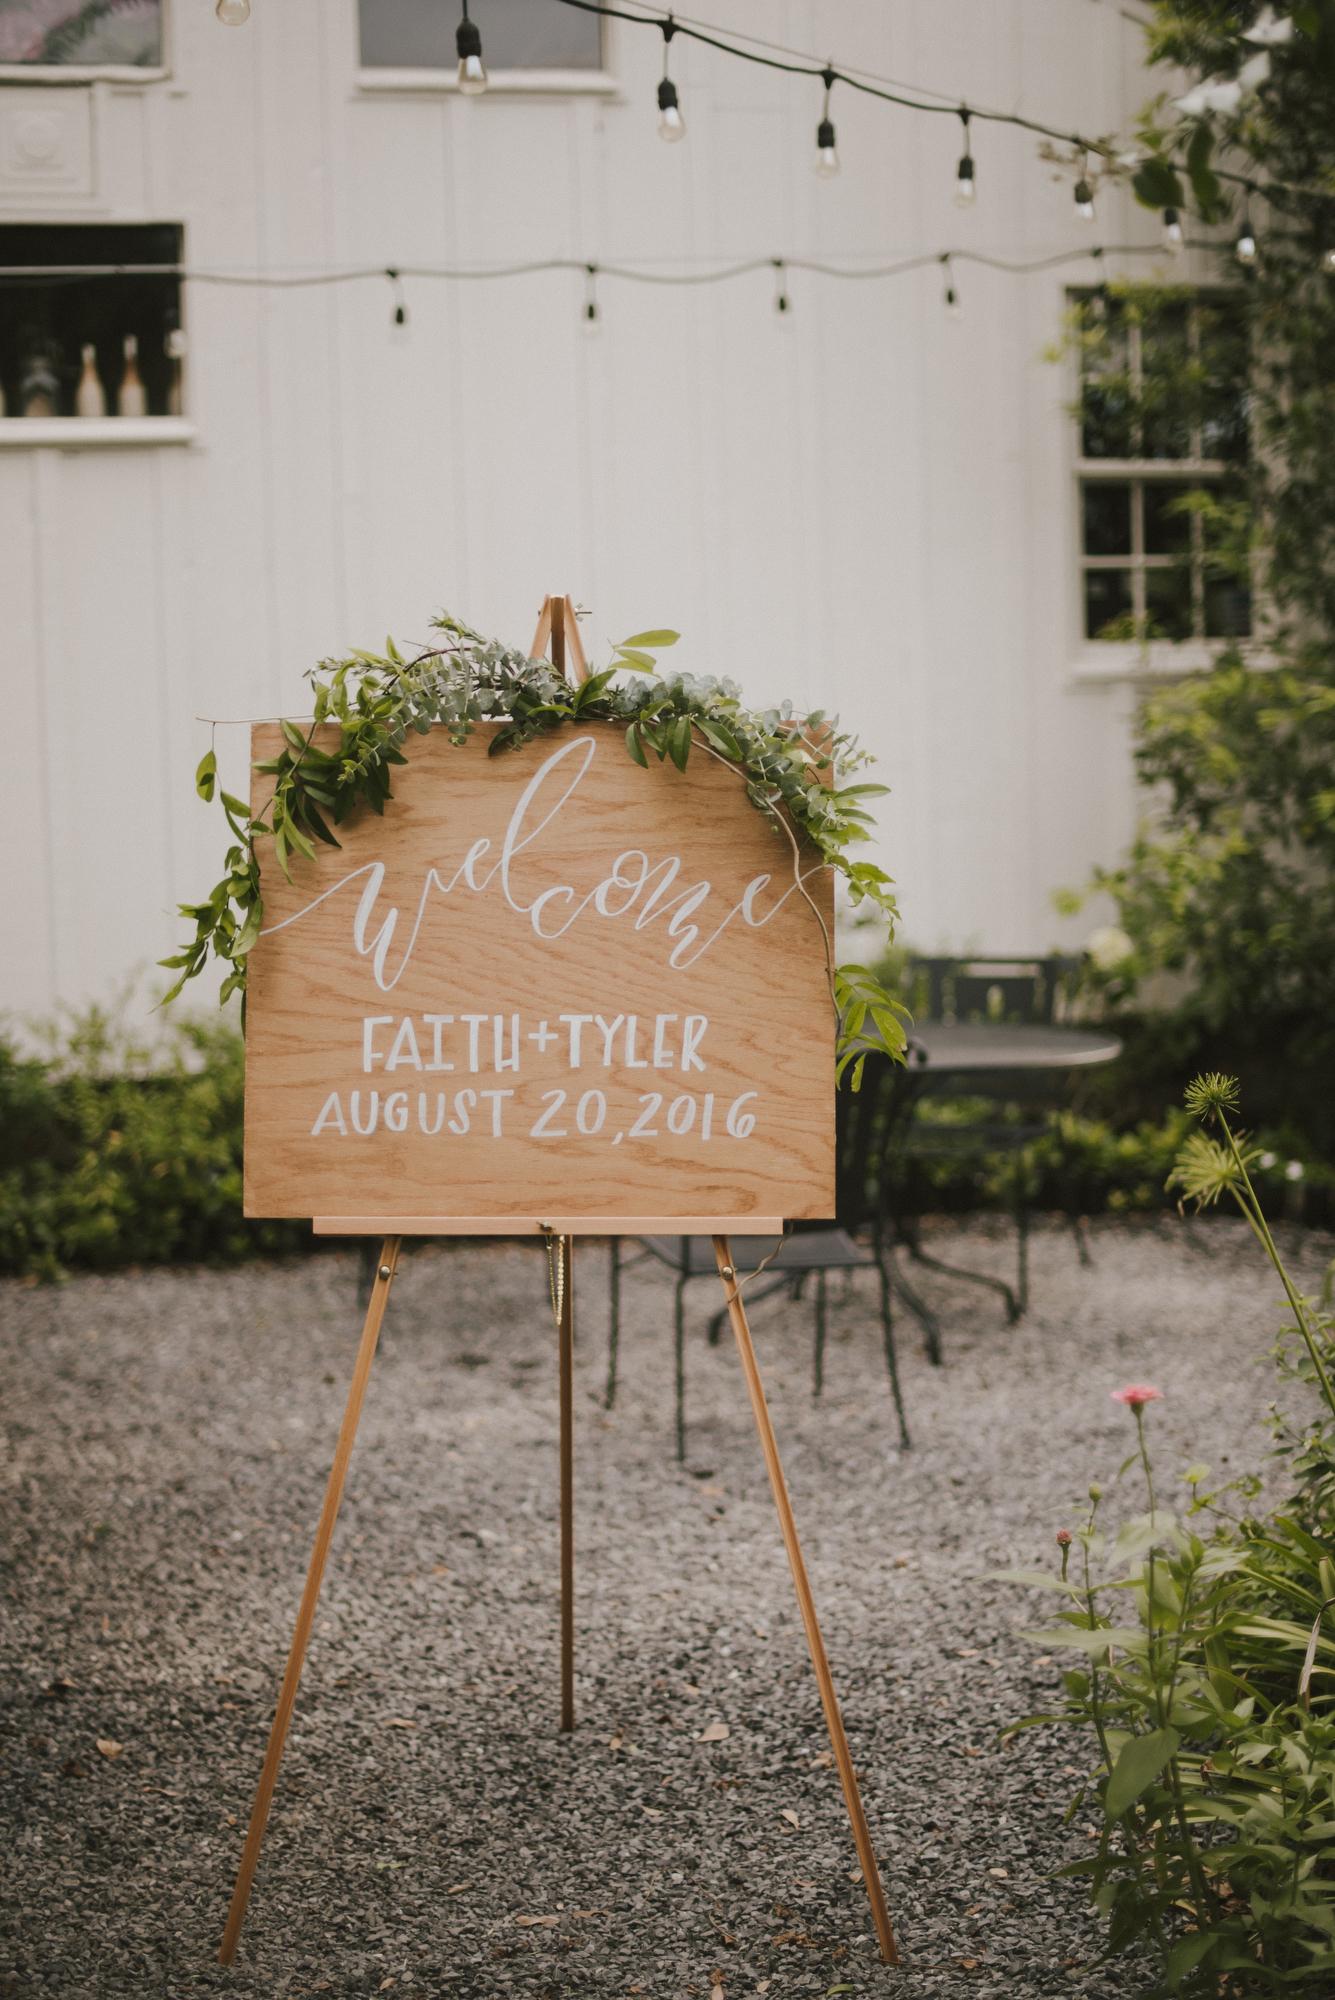 ofRen_weddingphotography055.JPG